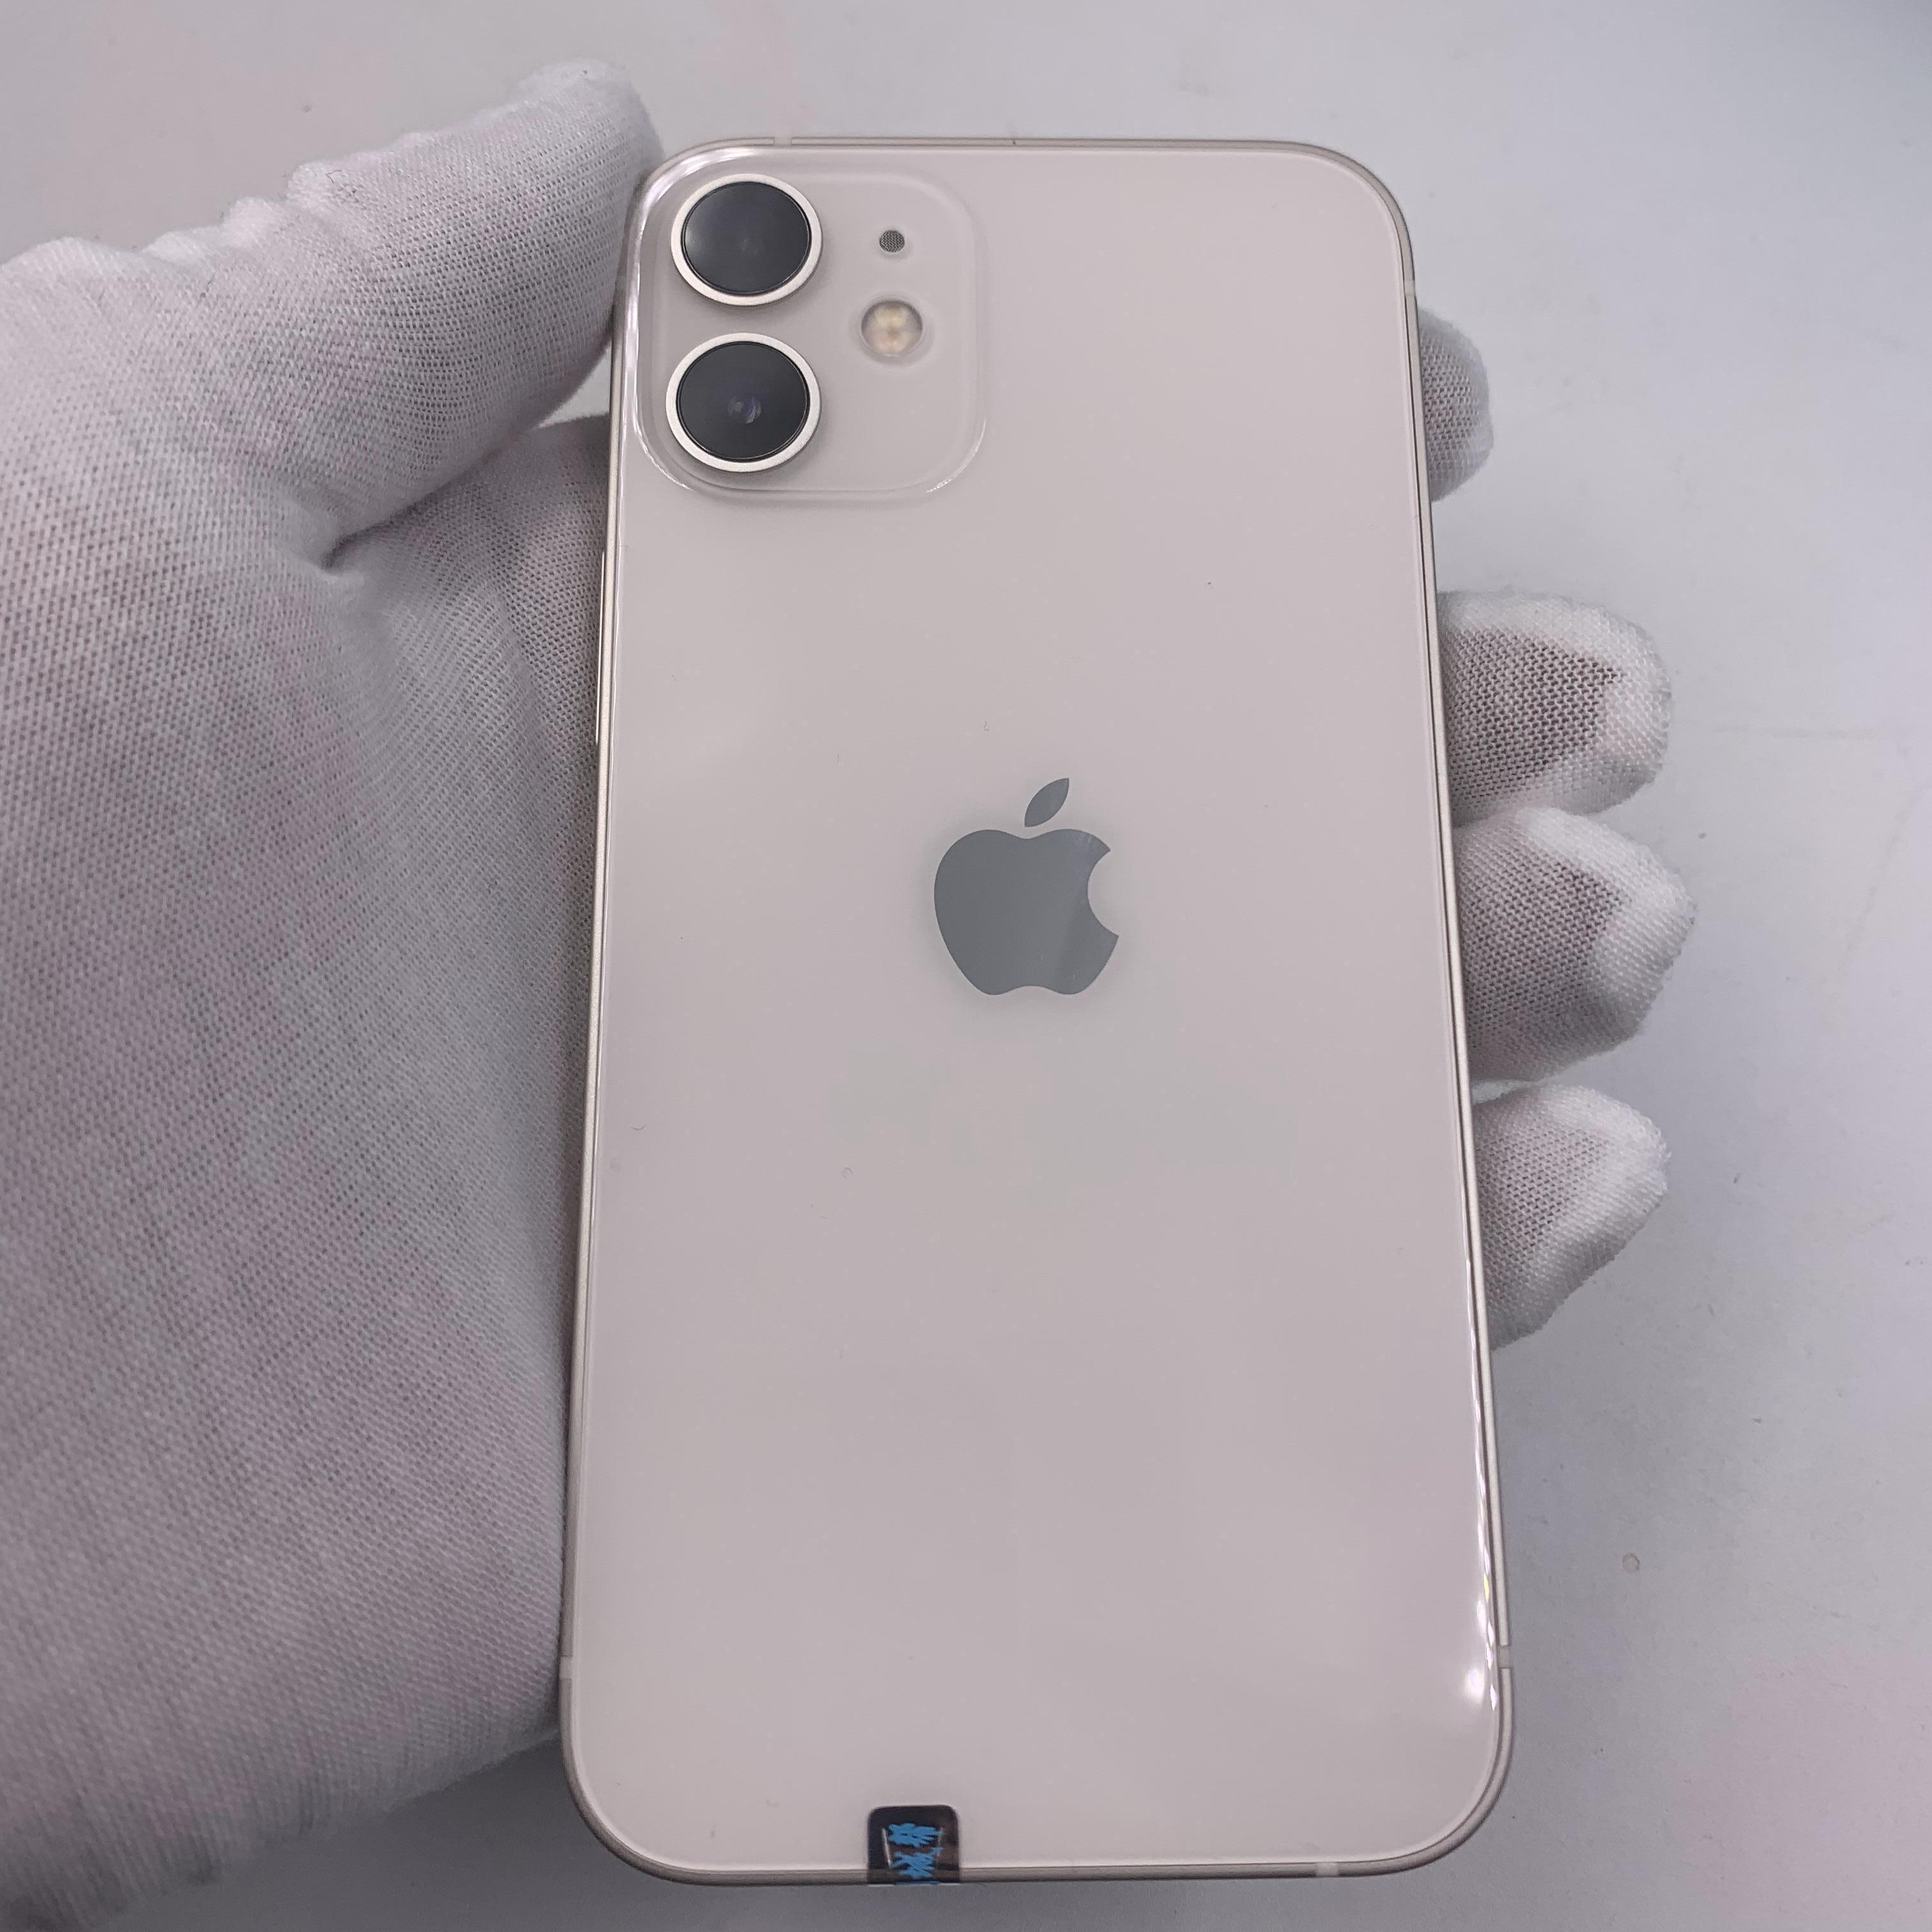 苹果【iPhone 12 mini】5G全网通 白色 256G 国行 99新